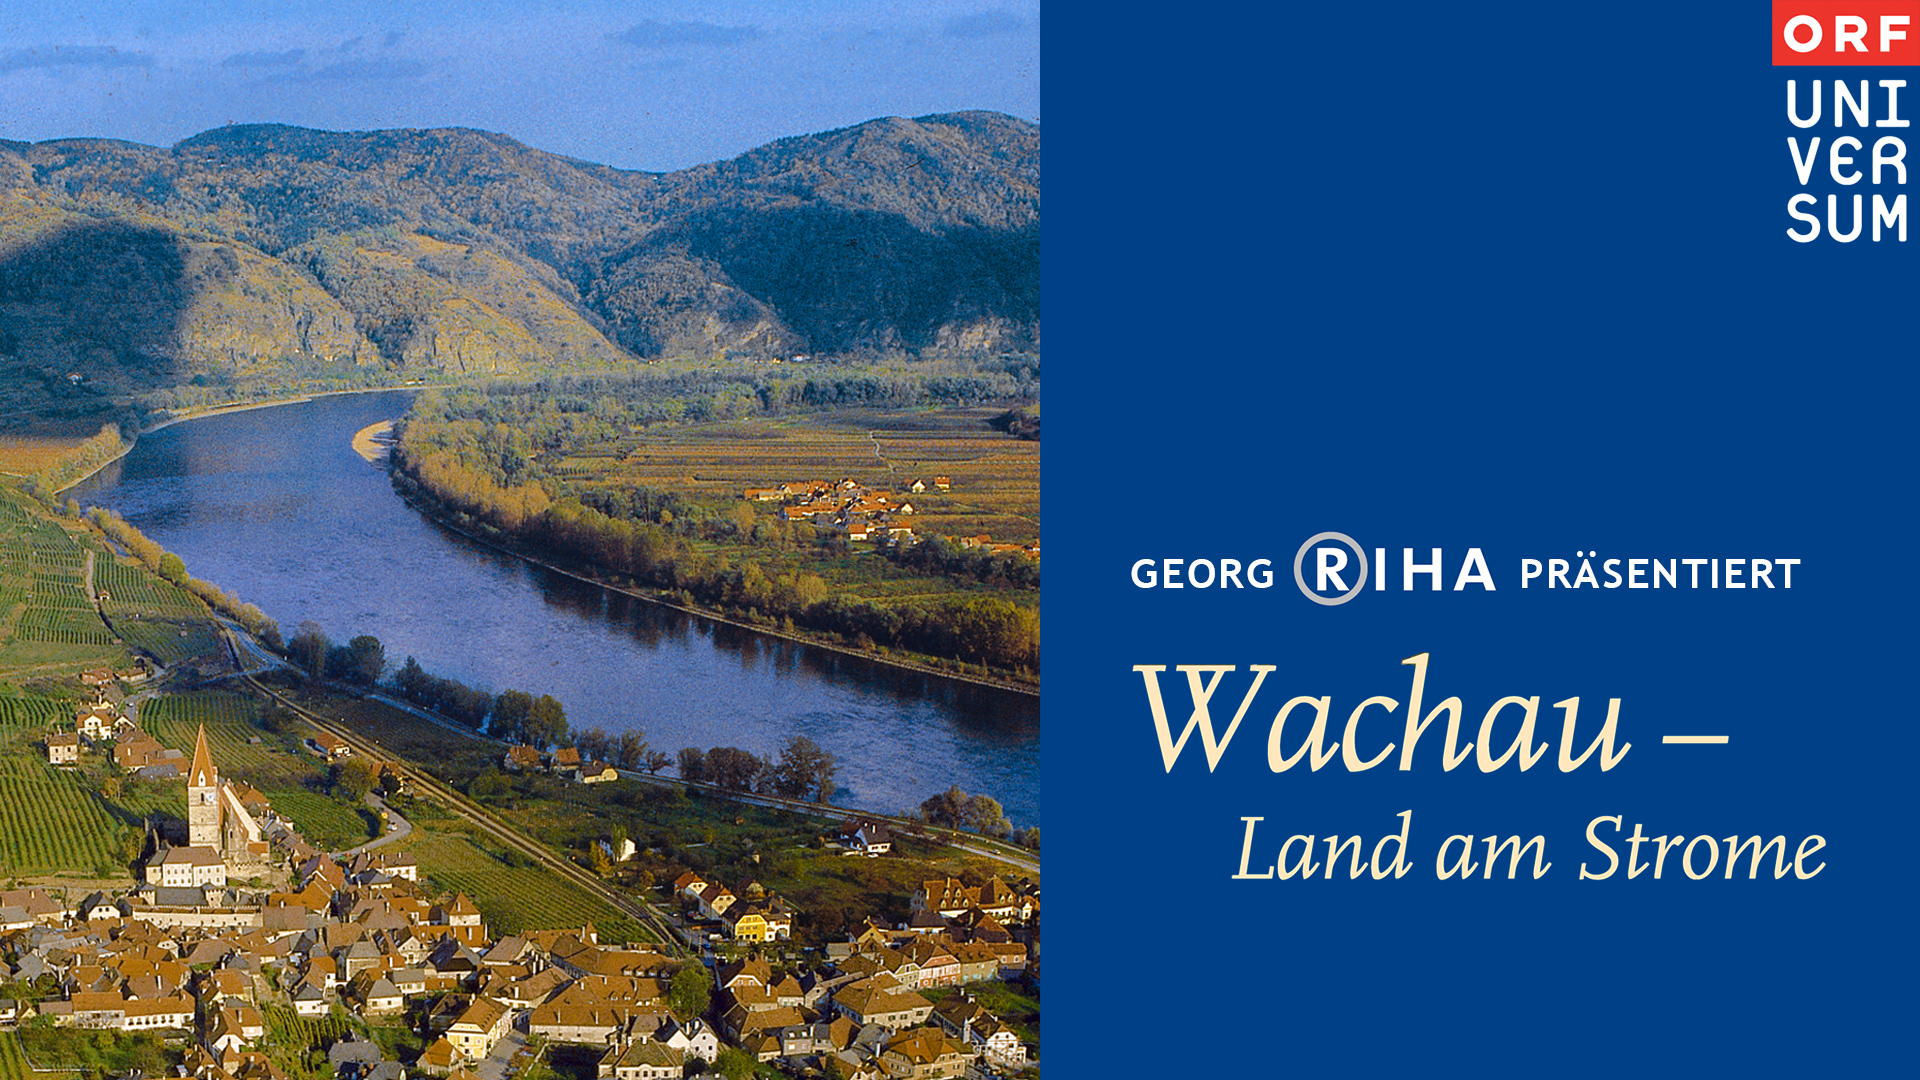 Wachau - Land am Strome